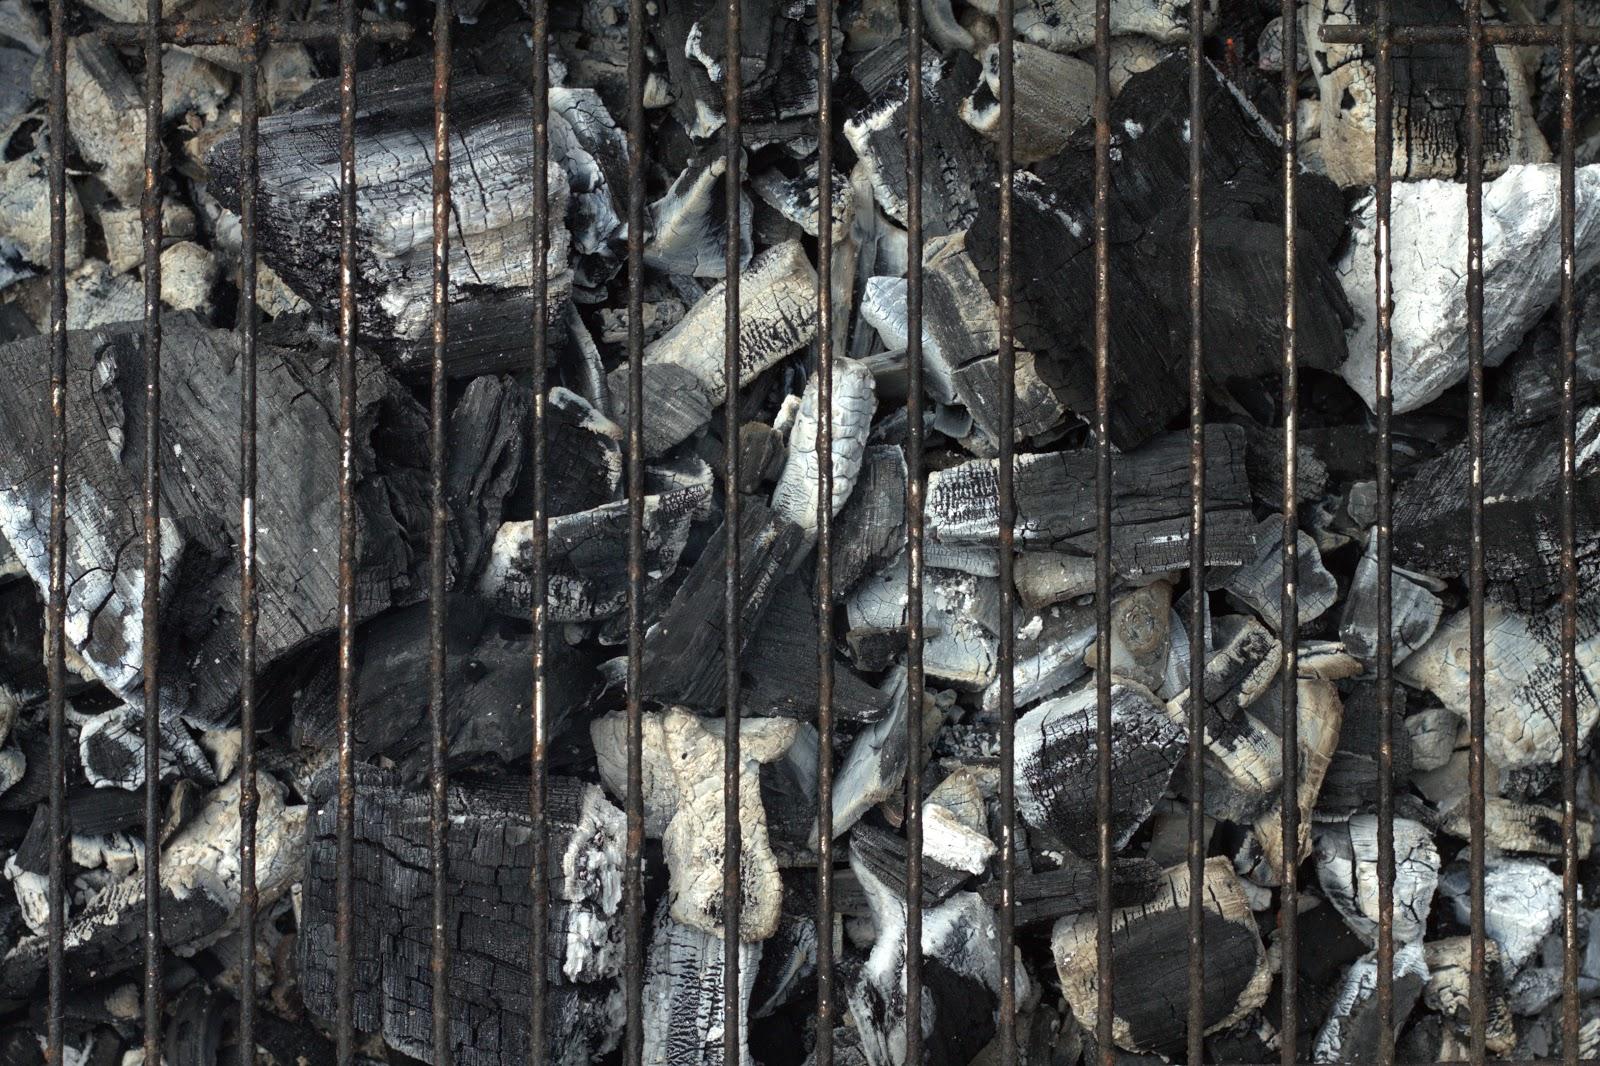 BBQ charcoal coal grill texture 4742x3159